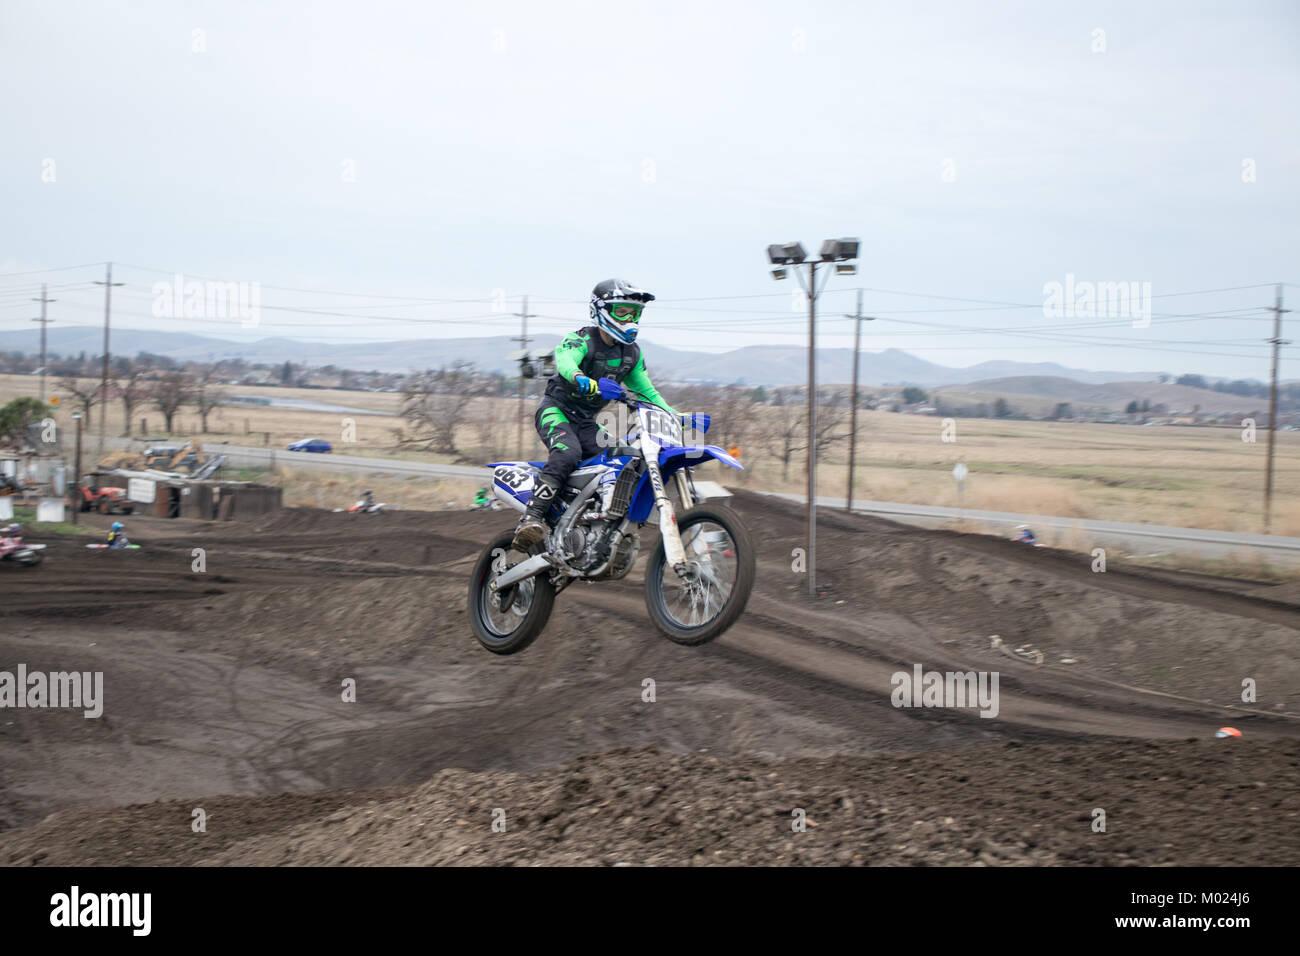 Dirt Bike Motocross - Stock Image